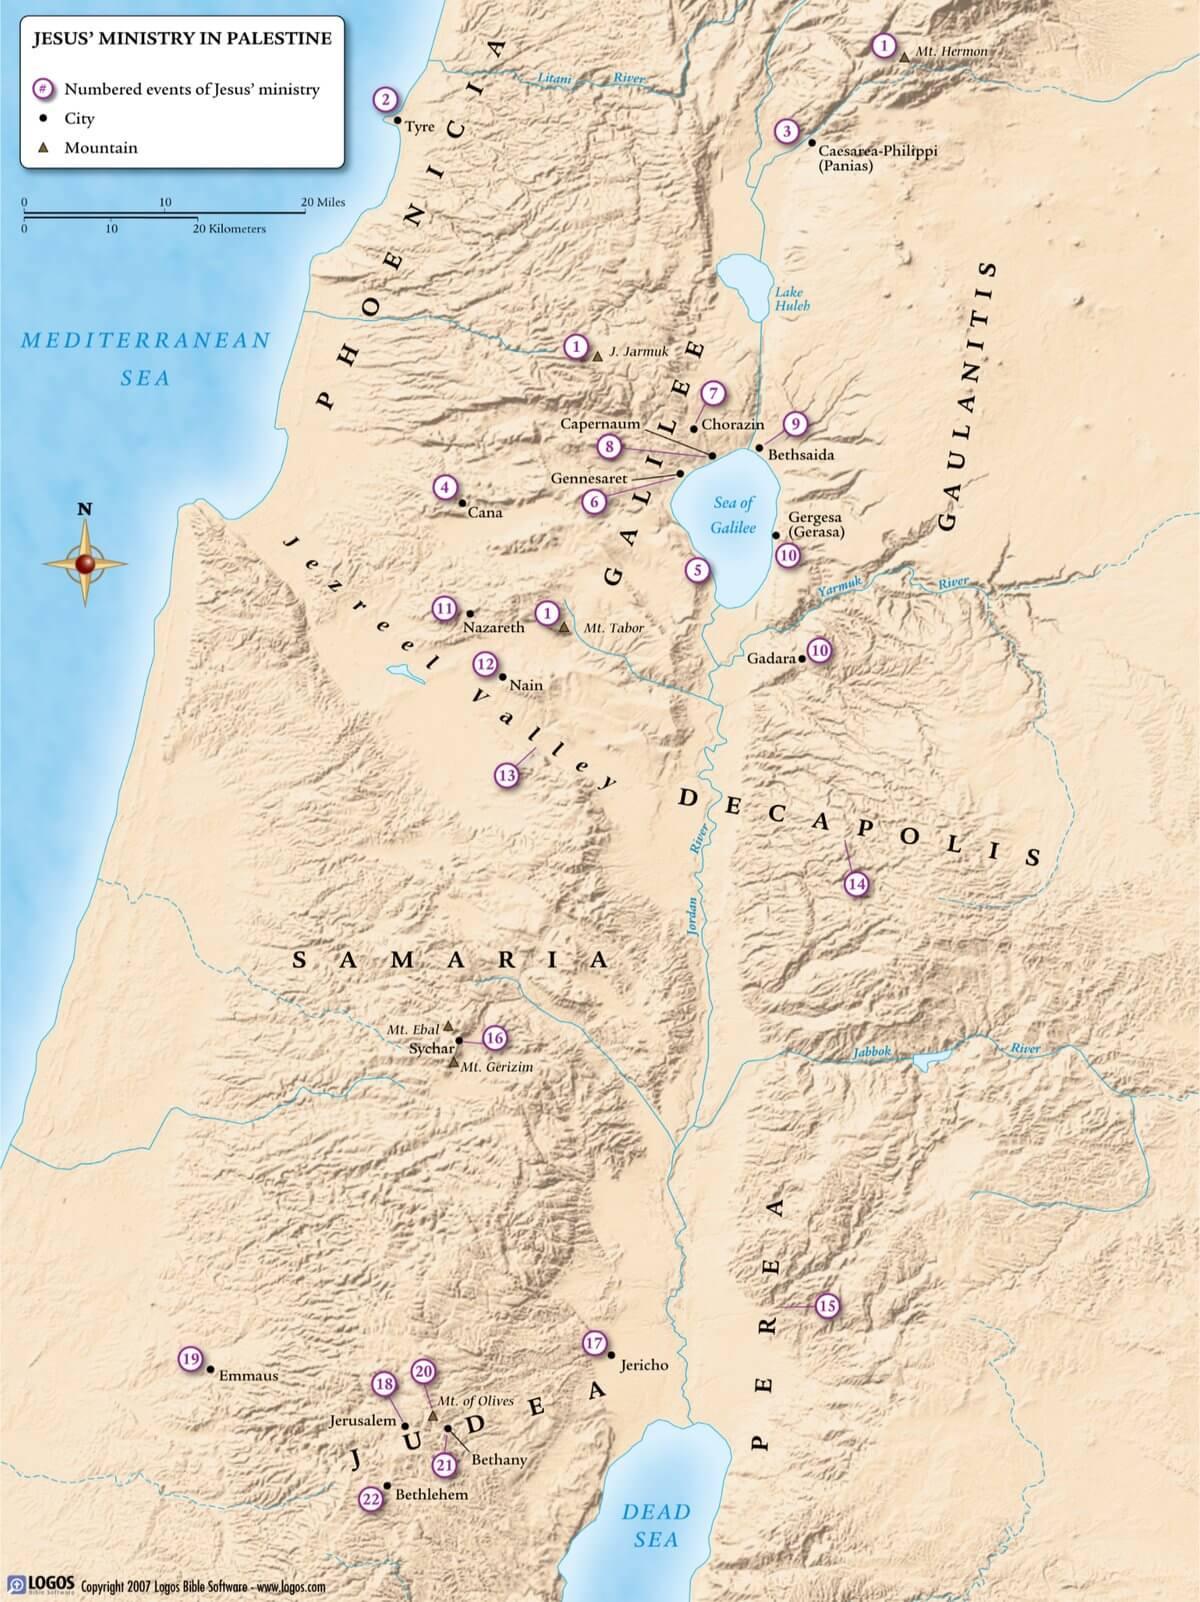 Jesus' Ministry in Palestine